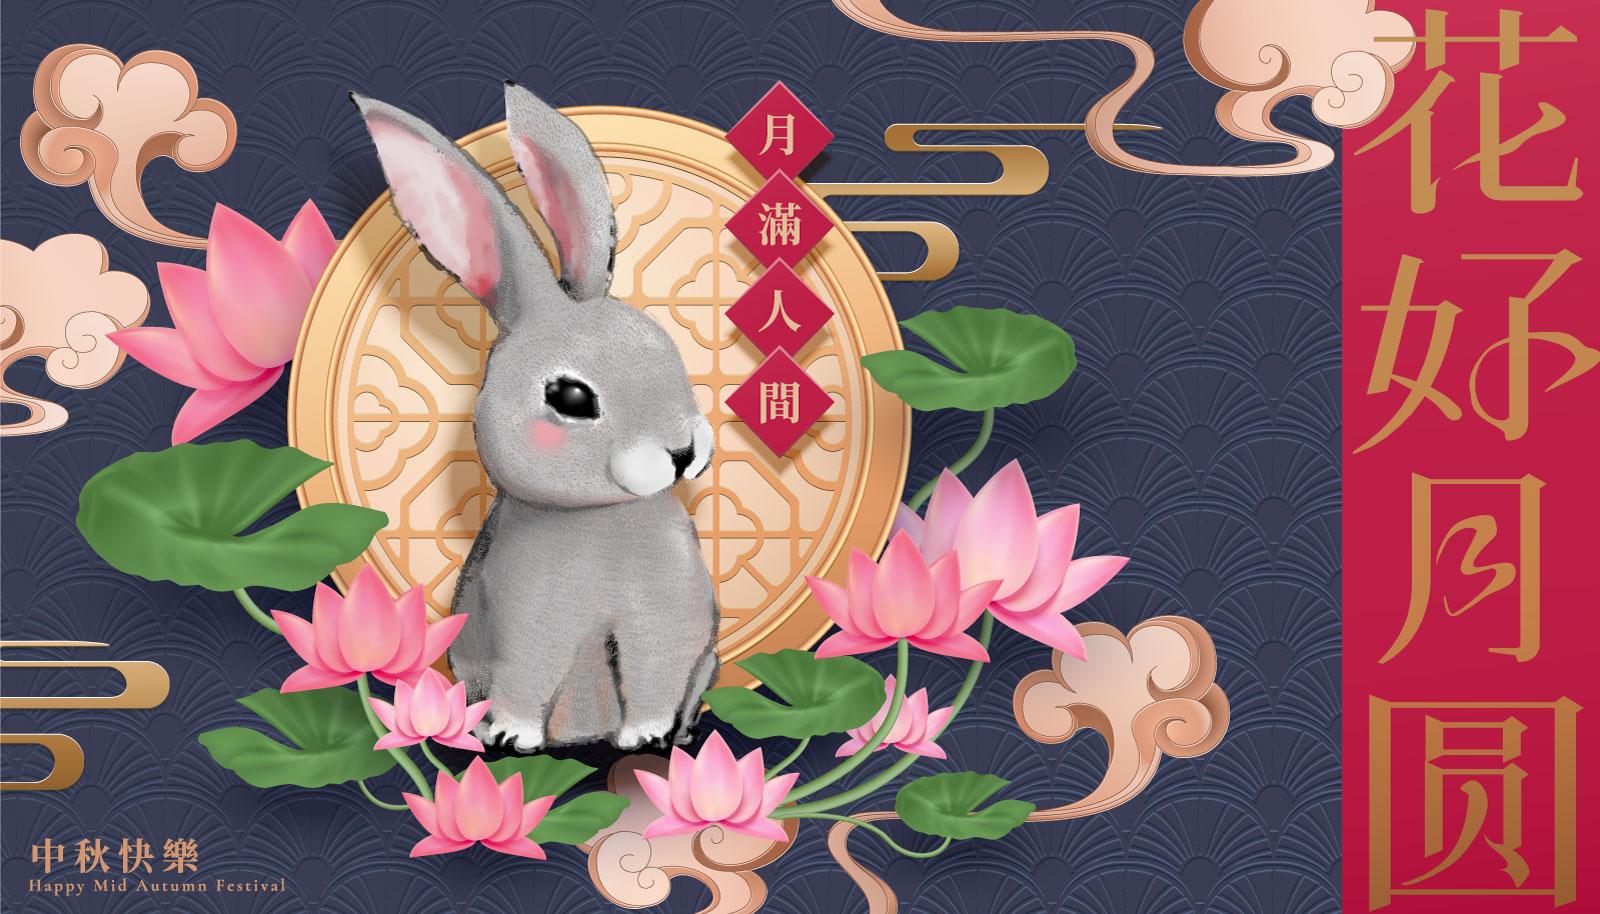 38款中国风中秋节主视觉海报插画AI广告设计素材源文件 Mid Autumn Festival Vector Pattern插图(10)